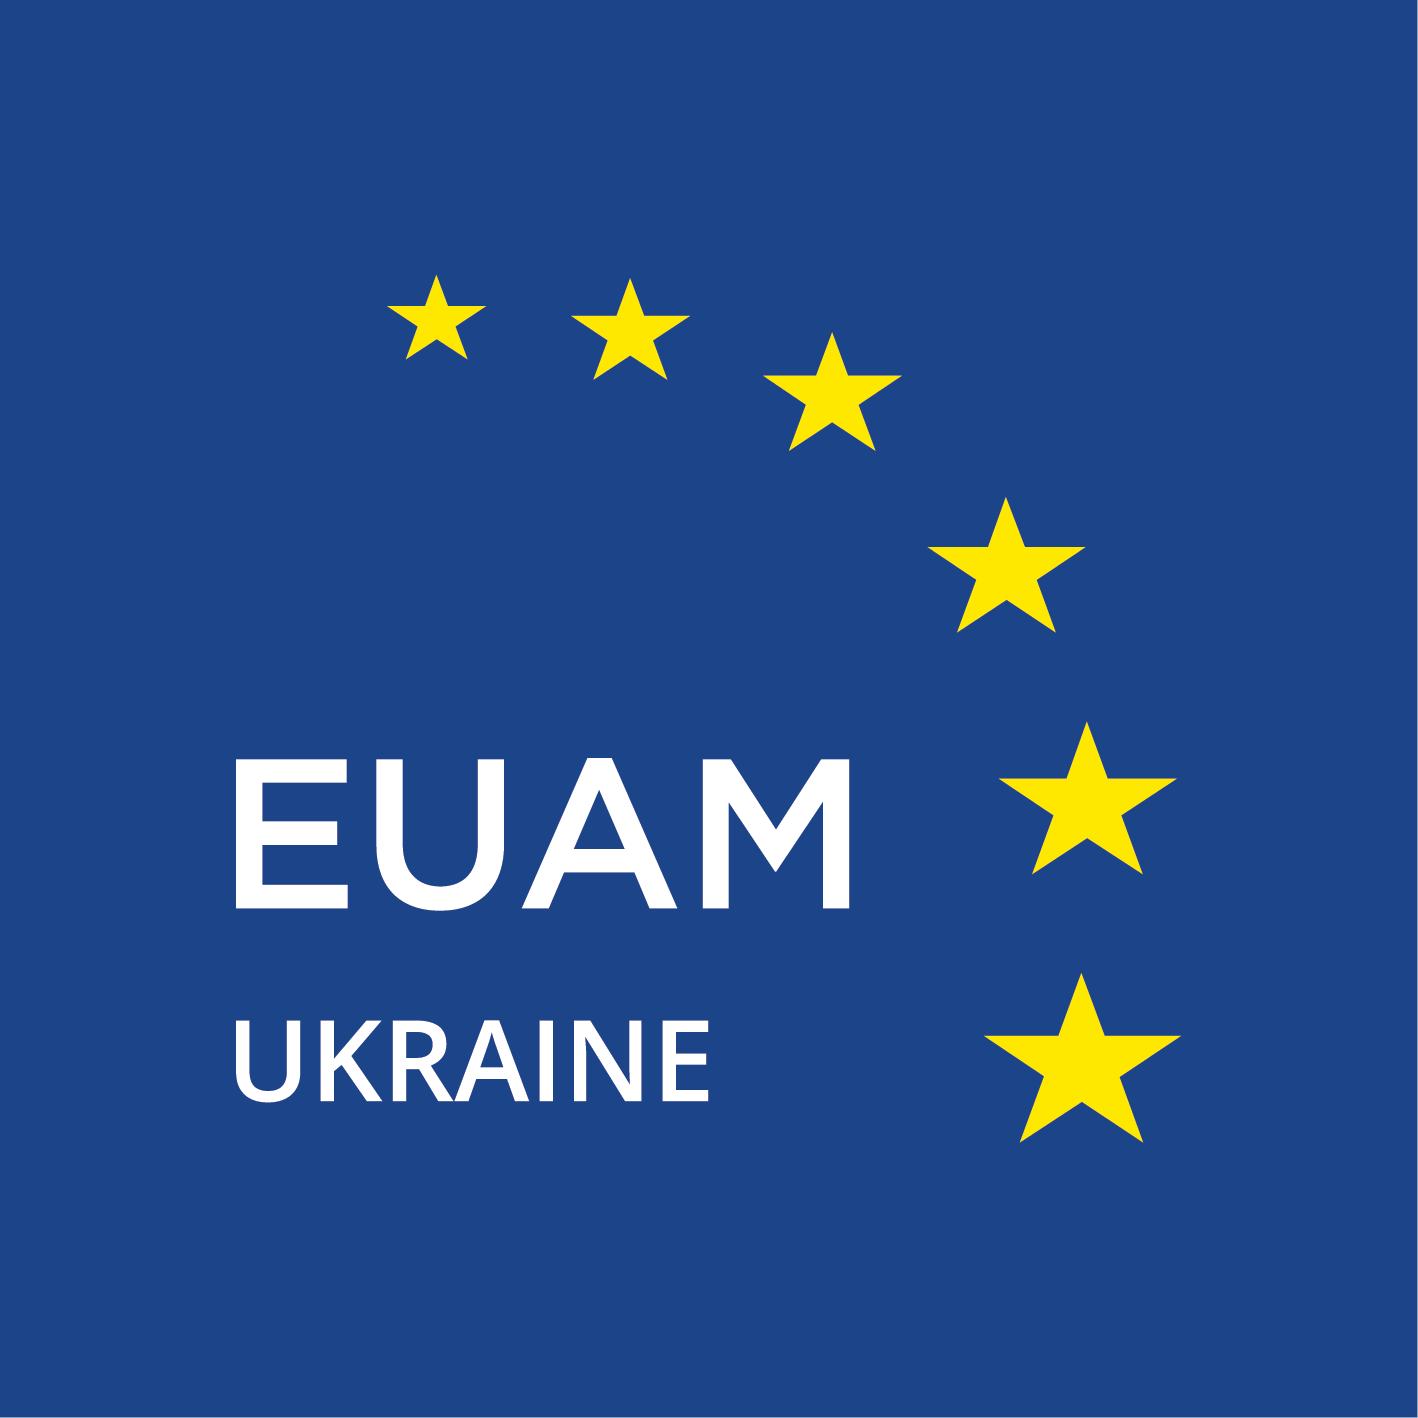 ukraine_euam